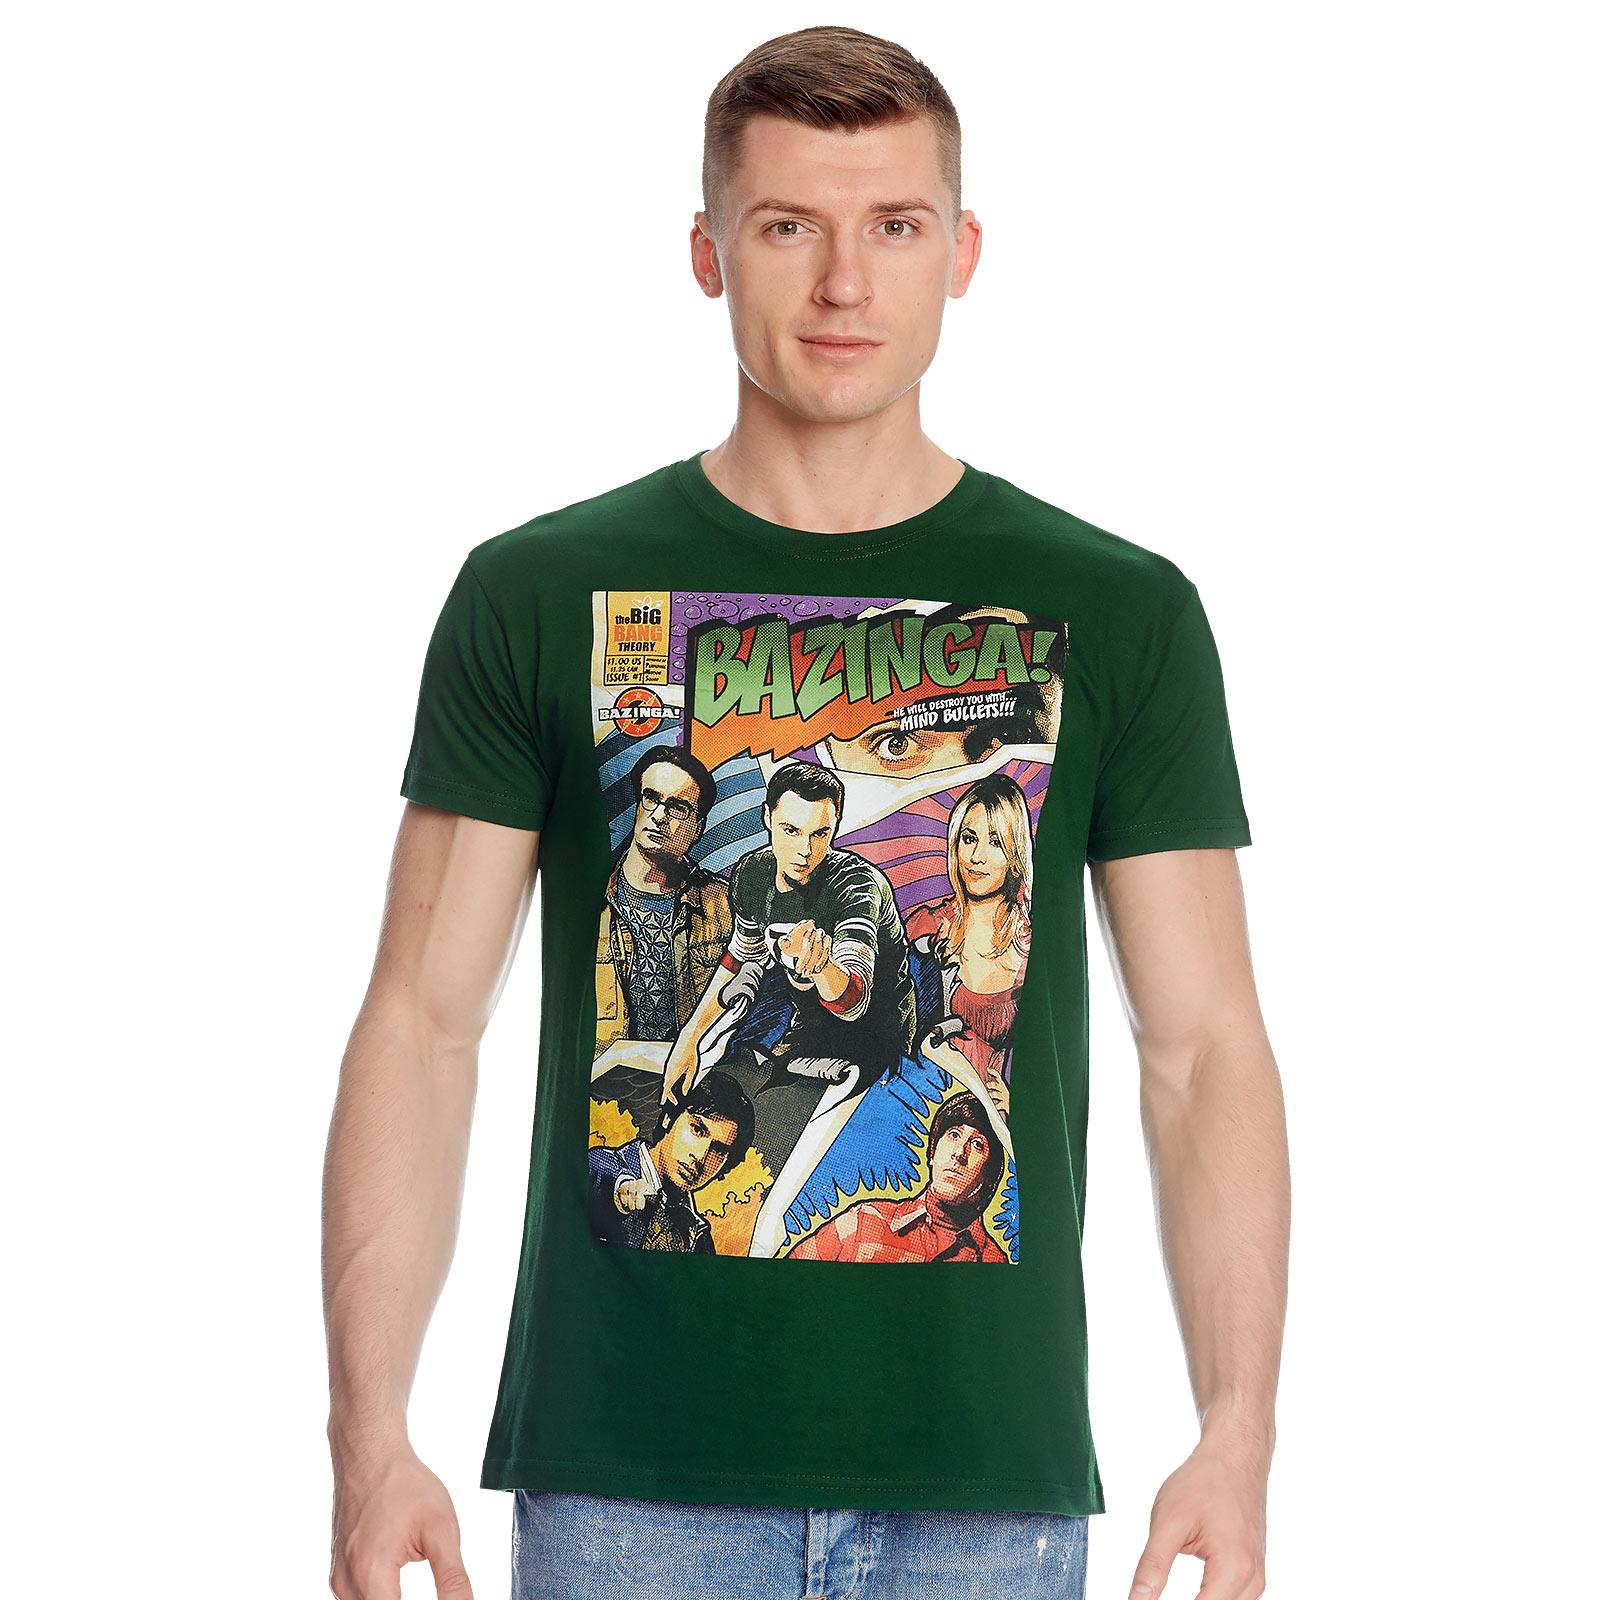 The Big Bang Theory - Bazinga Comic Style T-Shirt